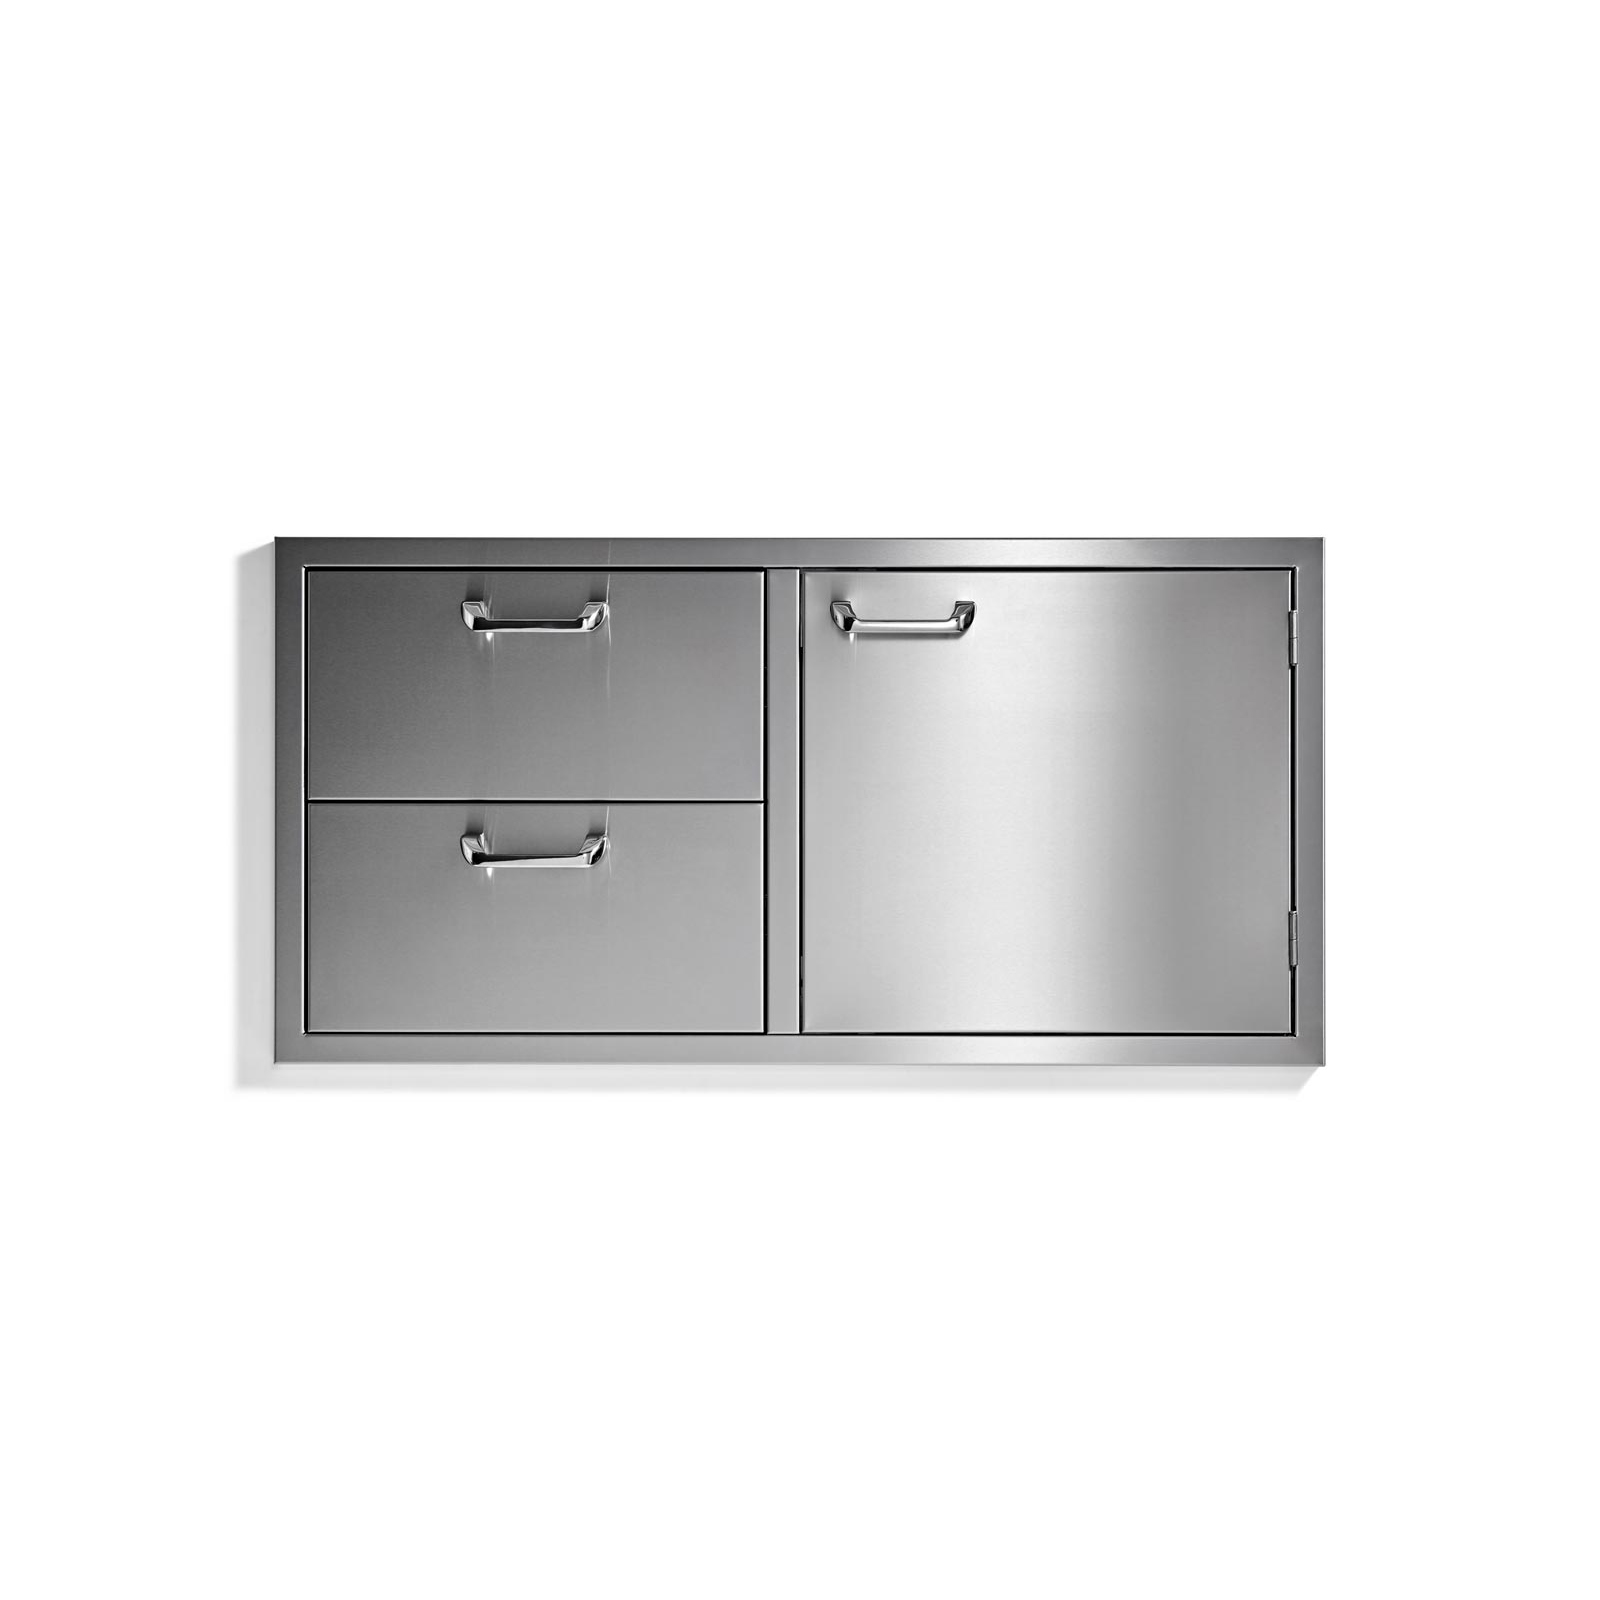 42in Sedona Double Drawer and Door Combo